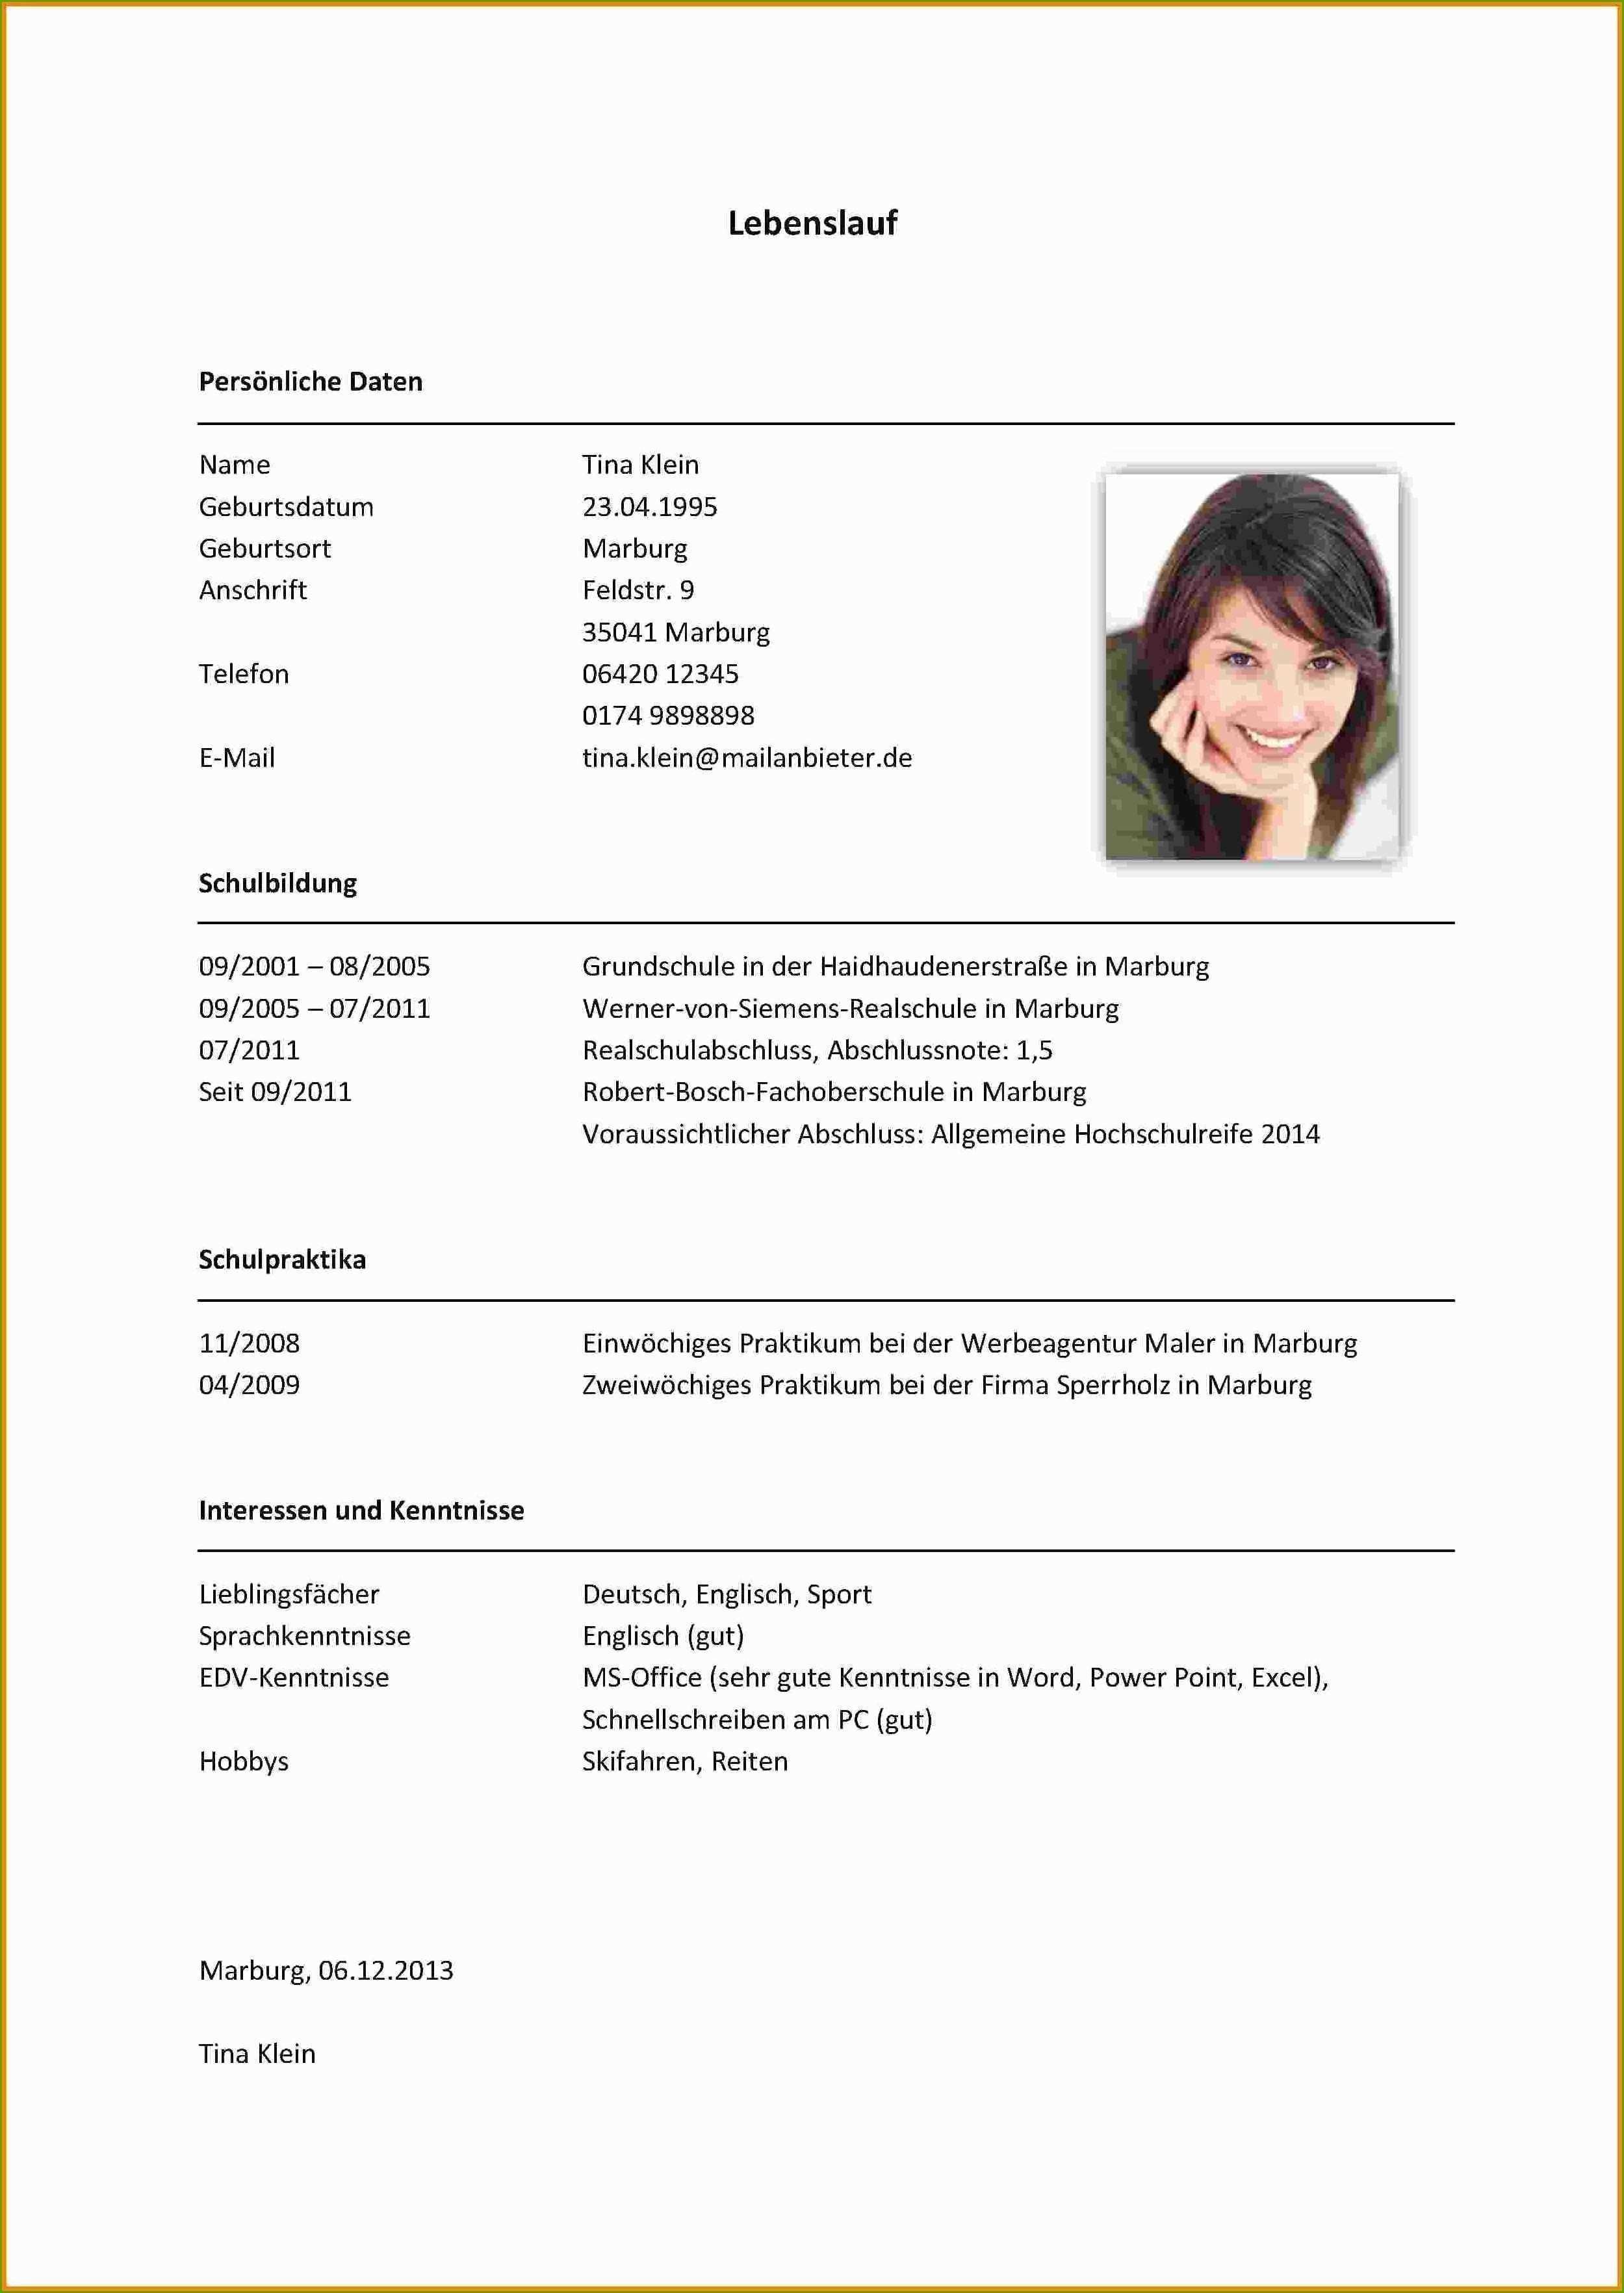 Einzigartig Vorlage Lebenslauf 2016 Briefprobe Briefformat Briefvorlage Lebenslauf Fur Schuler Vorlagen Lebenslauf Lebenslauf